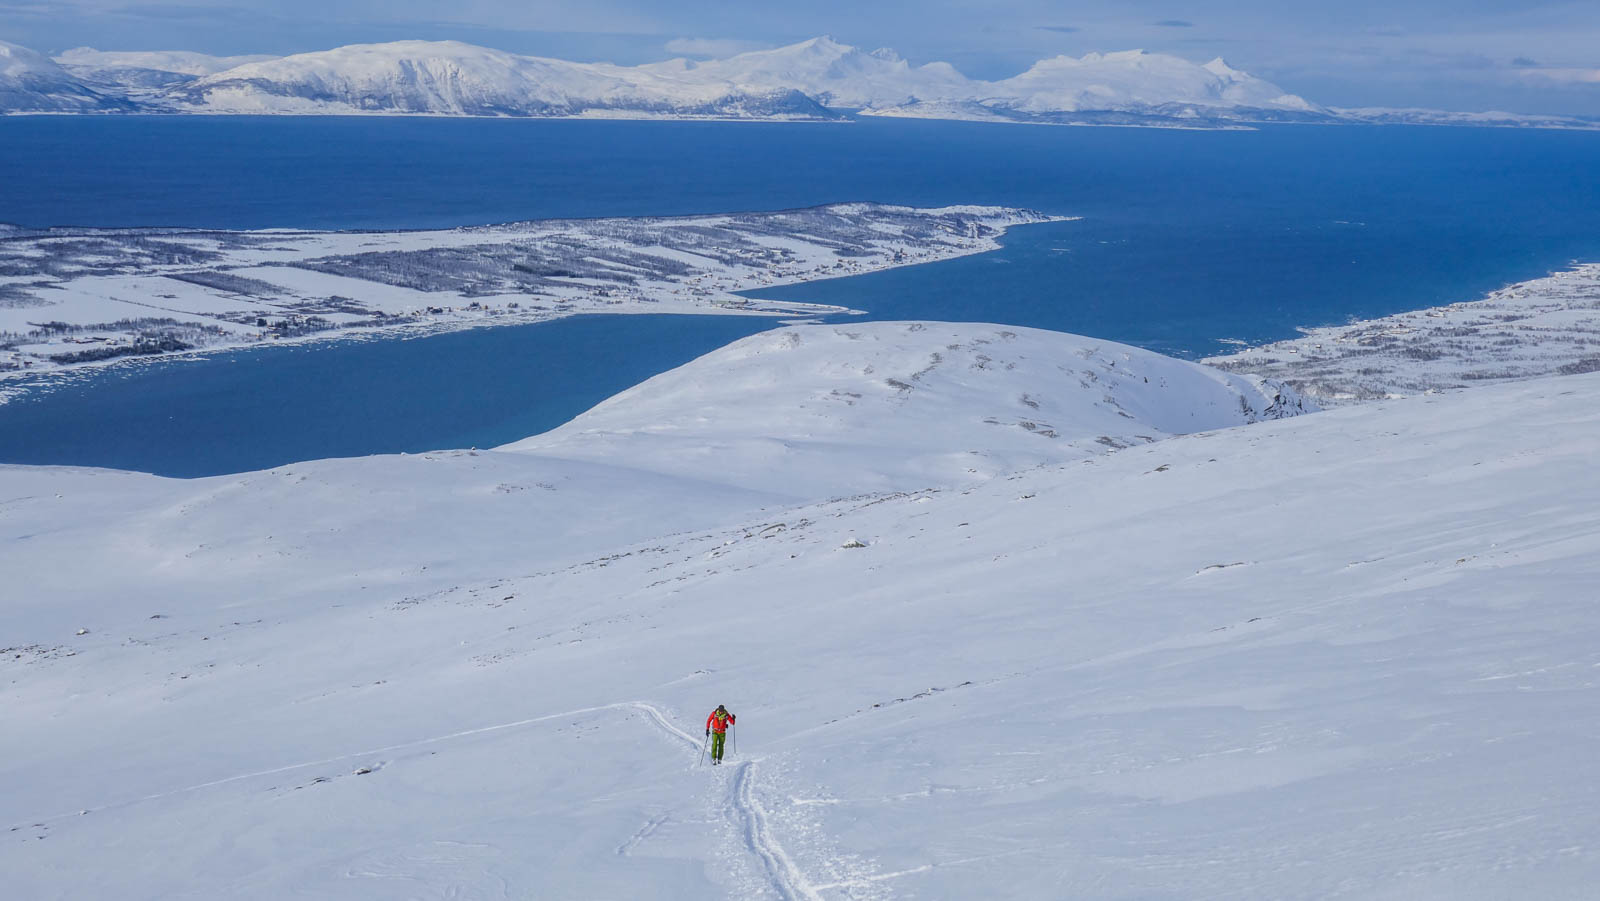 Esquí de montaña en Noruega. Lyngen. Picos Russelvfjellet y Storgalten